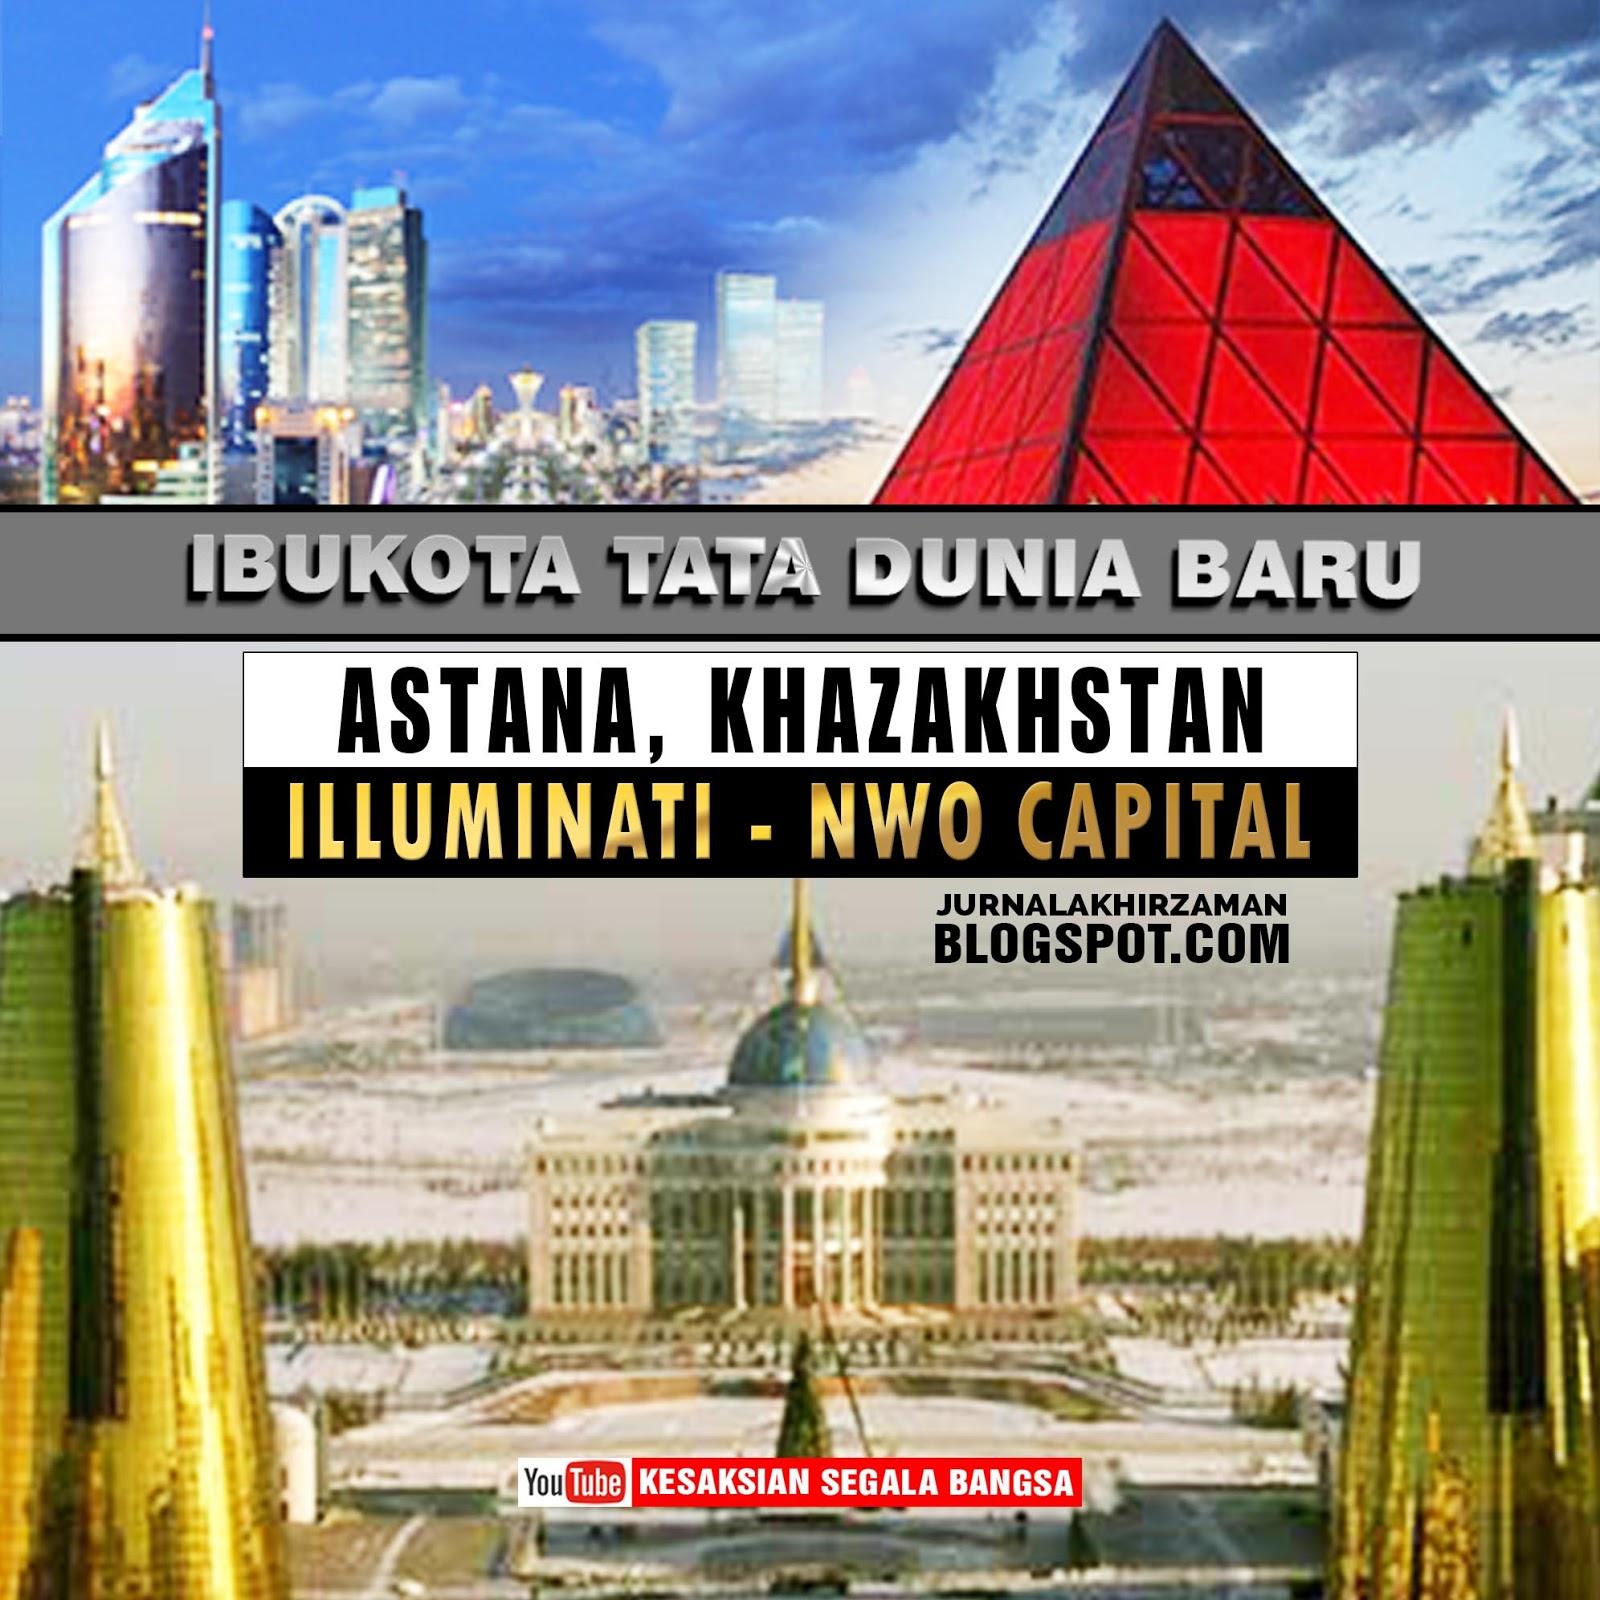 Lucifer Dalam Islam Adalah: Ibukota Tata Dunia Baru / Illuminati